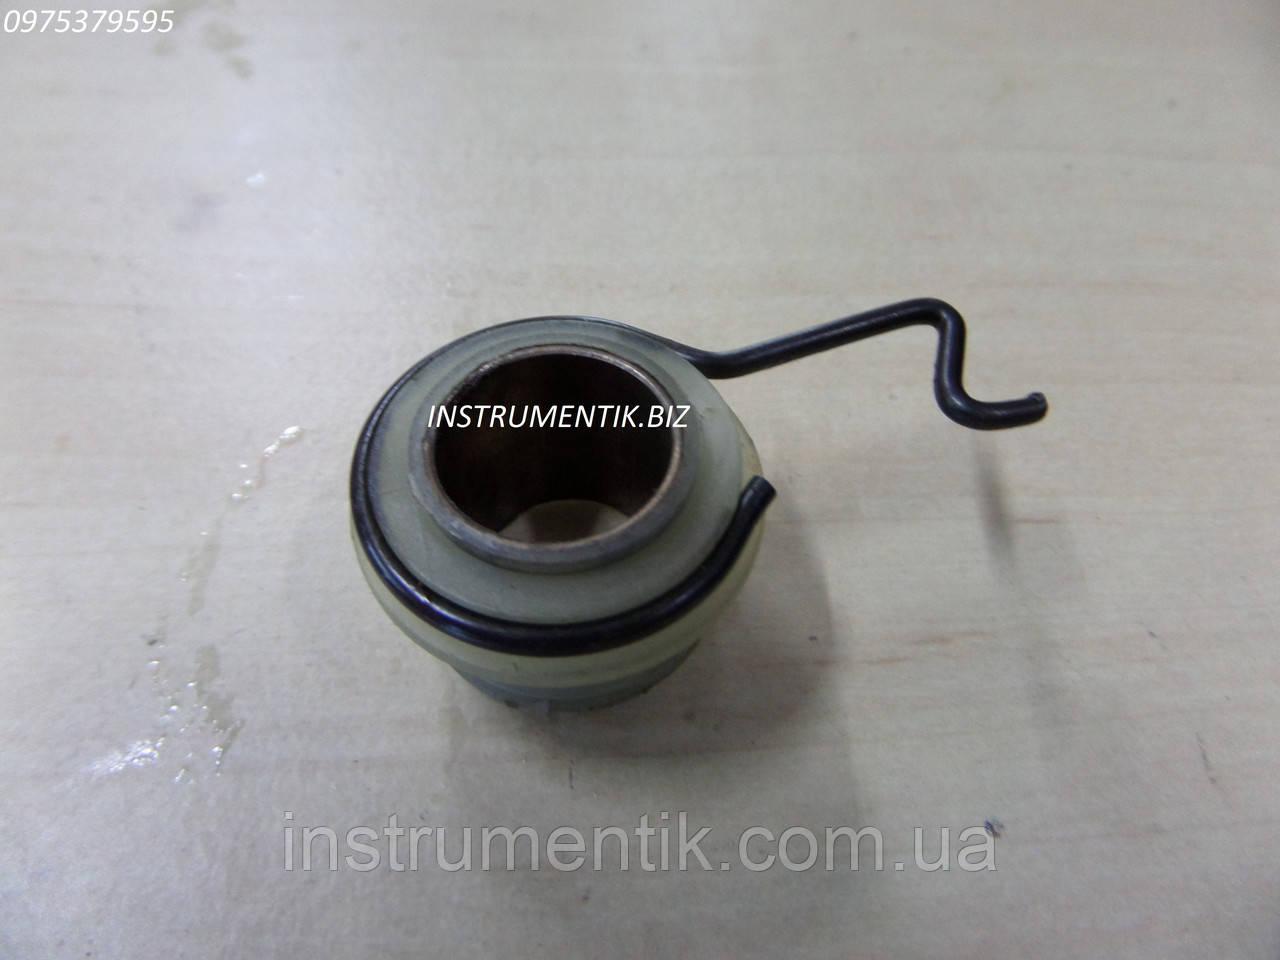 Привод маслонасоса для Stihl MS 340, MS 360